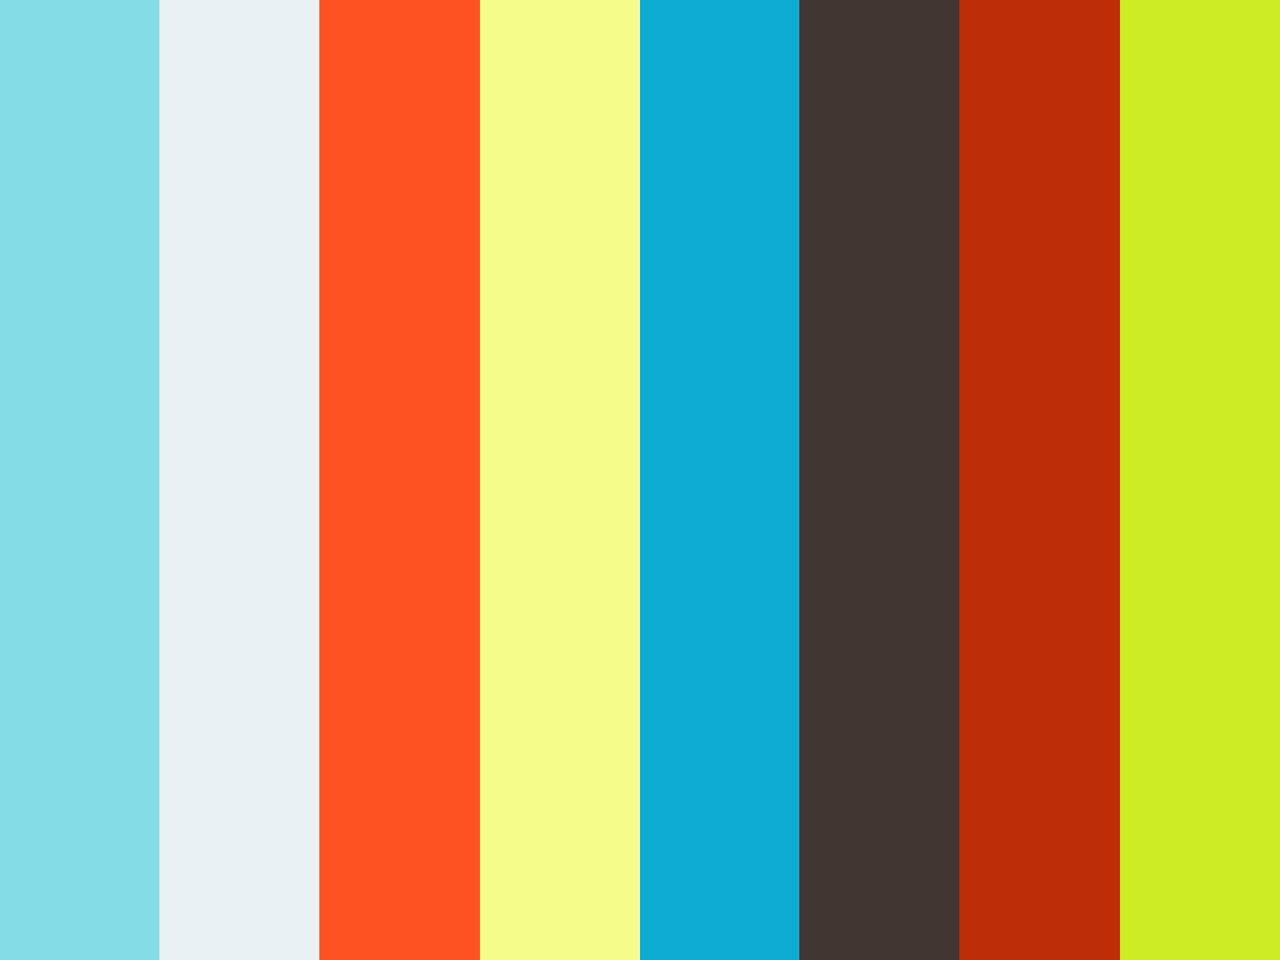 MUSEE ZOOLOGIQUE - Jeux vidéo prototype (Les personnages)